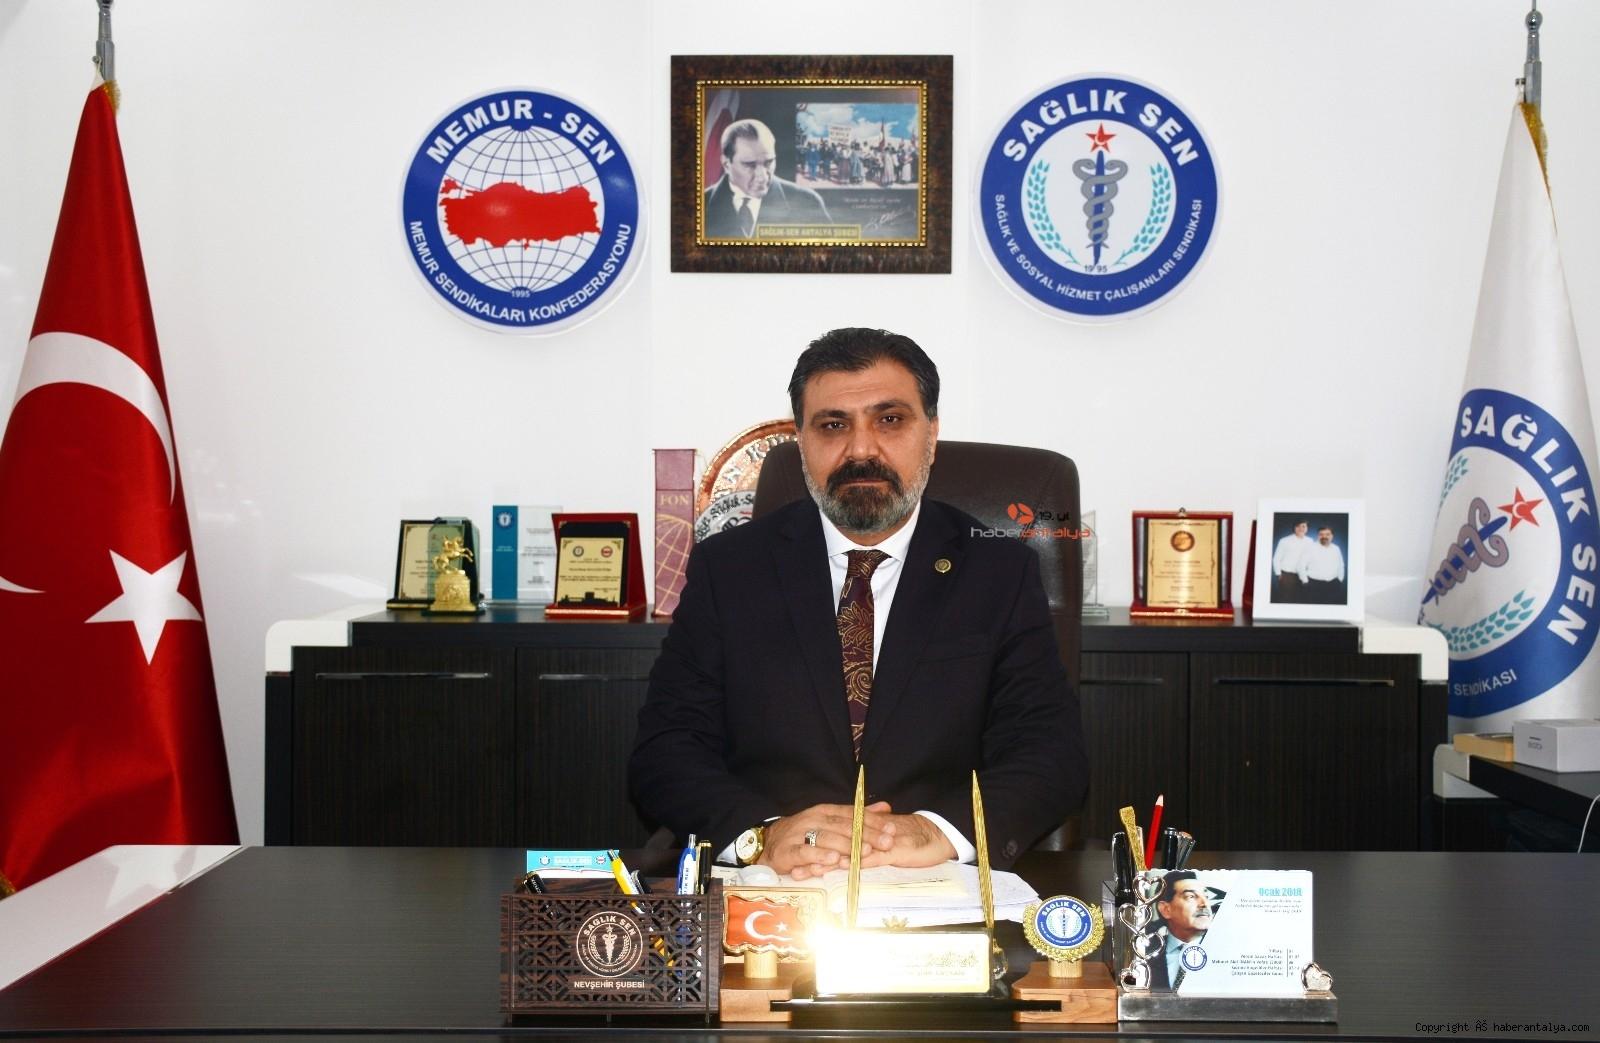 2021/04/turkiye-artik-darbecilerin-cirit-atacagi-bir-ulke-olmaktan-cikmistir-20210406AW28-1.jpg